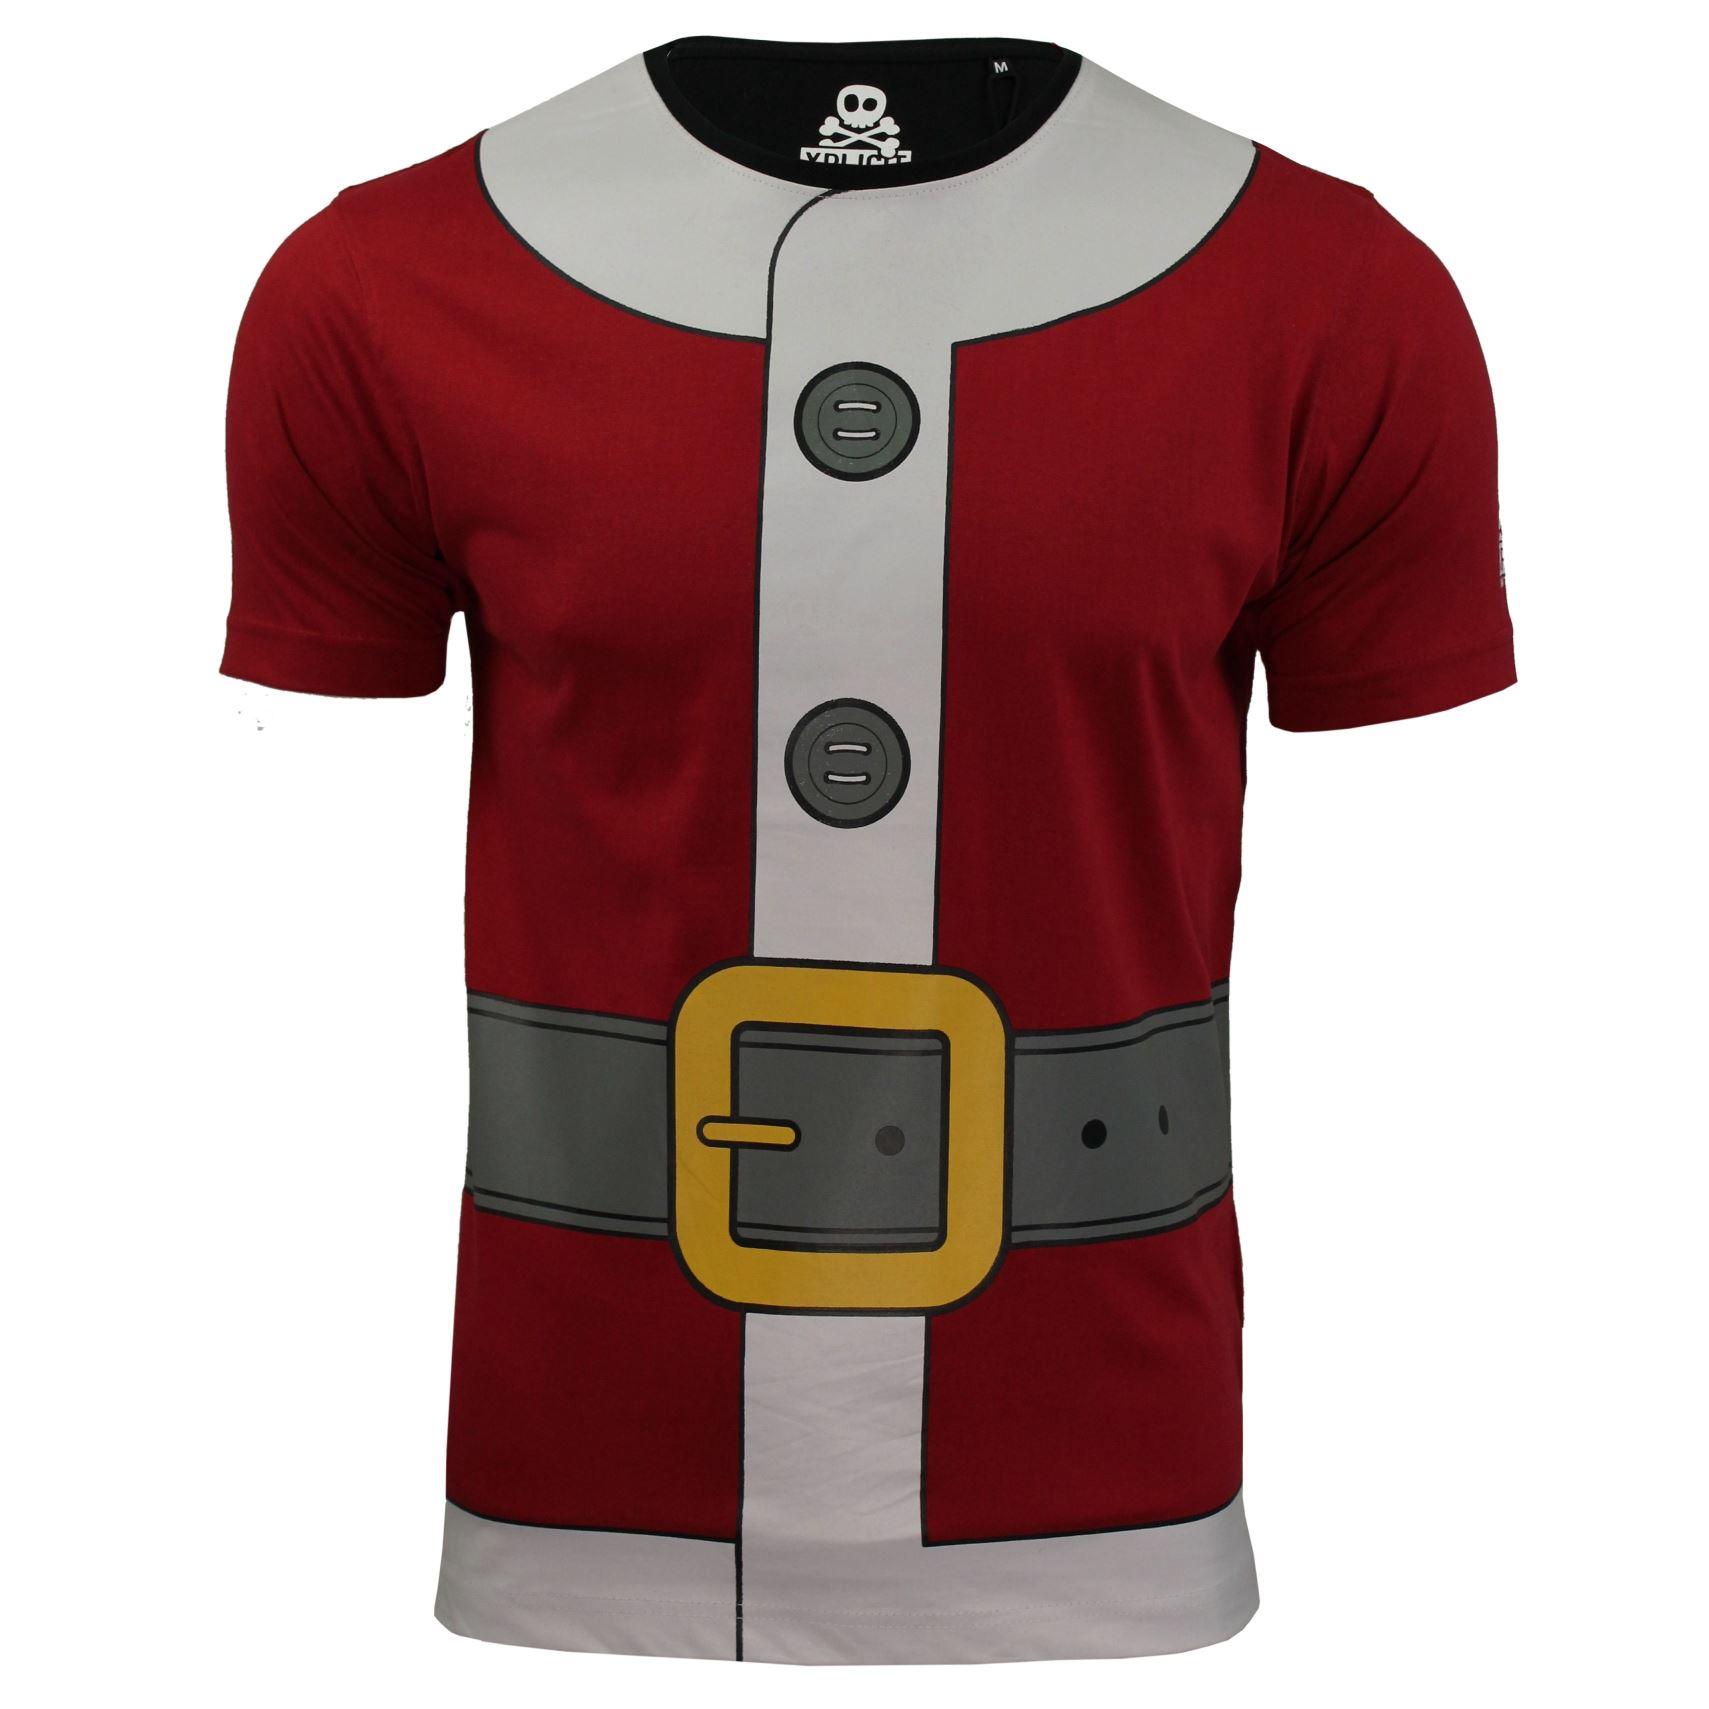 Xmas shirt Festive Xplicit Door Novelty Mens Prints T Ebay Christmas dBtxshQrCo